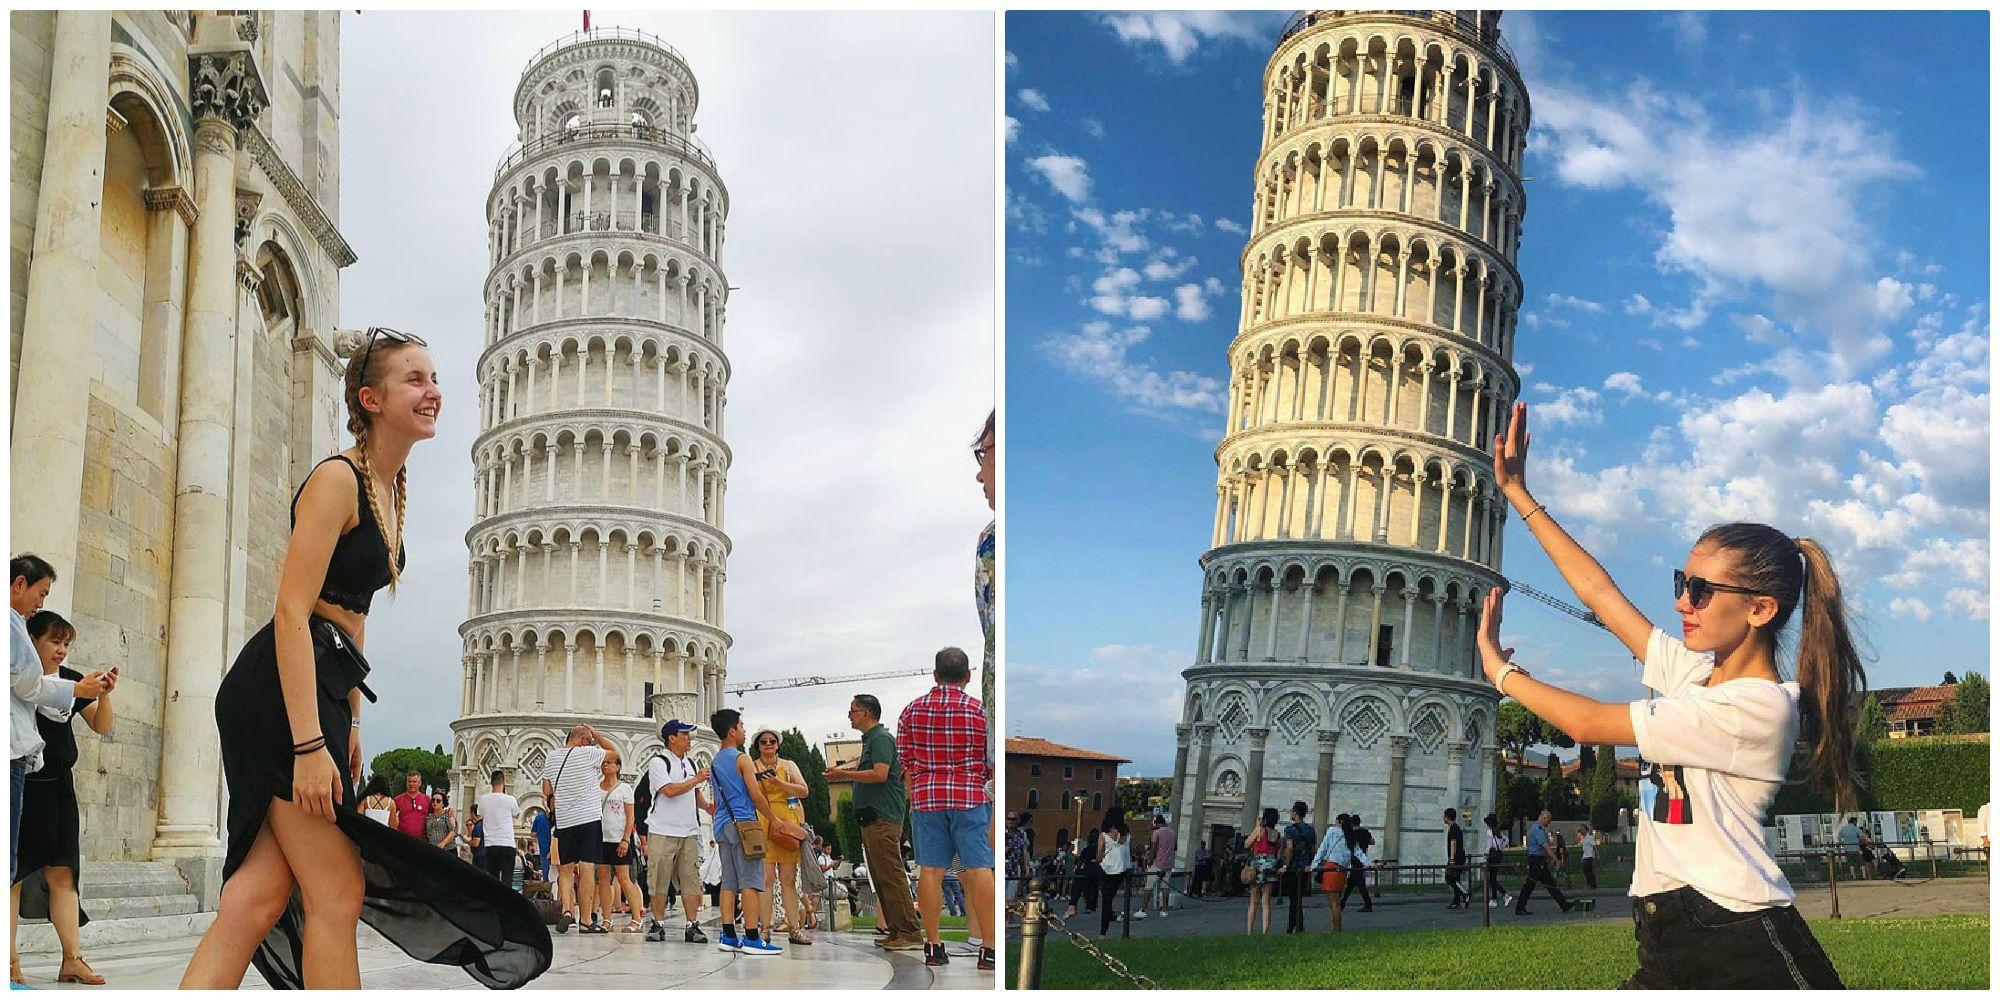 """Hóa ra tháp nghiêng Pisa - công trình huyền thoại của Ý vào mùa hè lại """"thẳng thớm"""" hơn"""